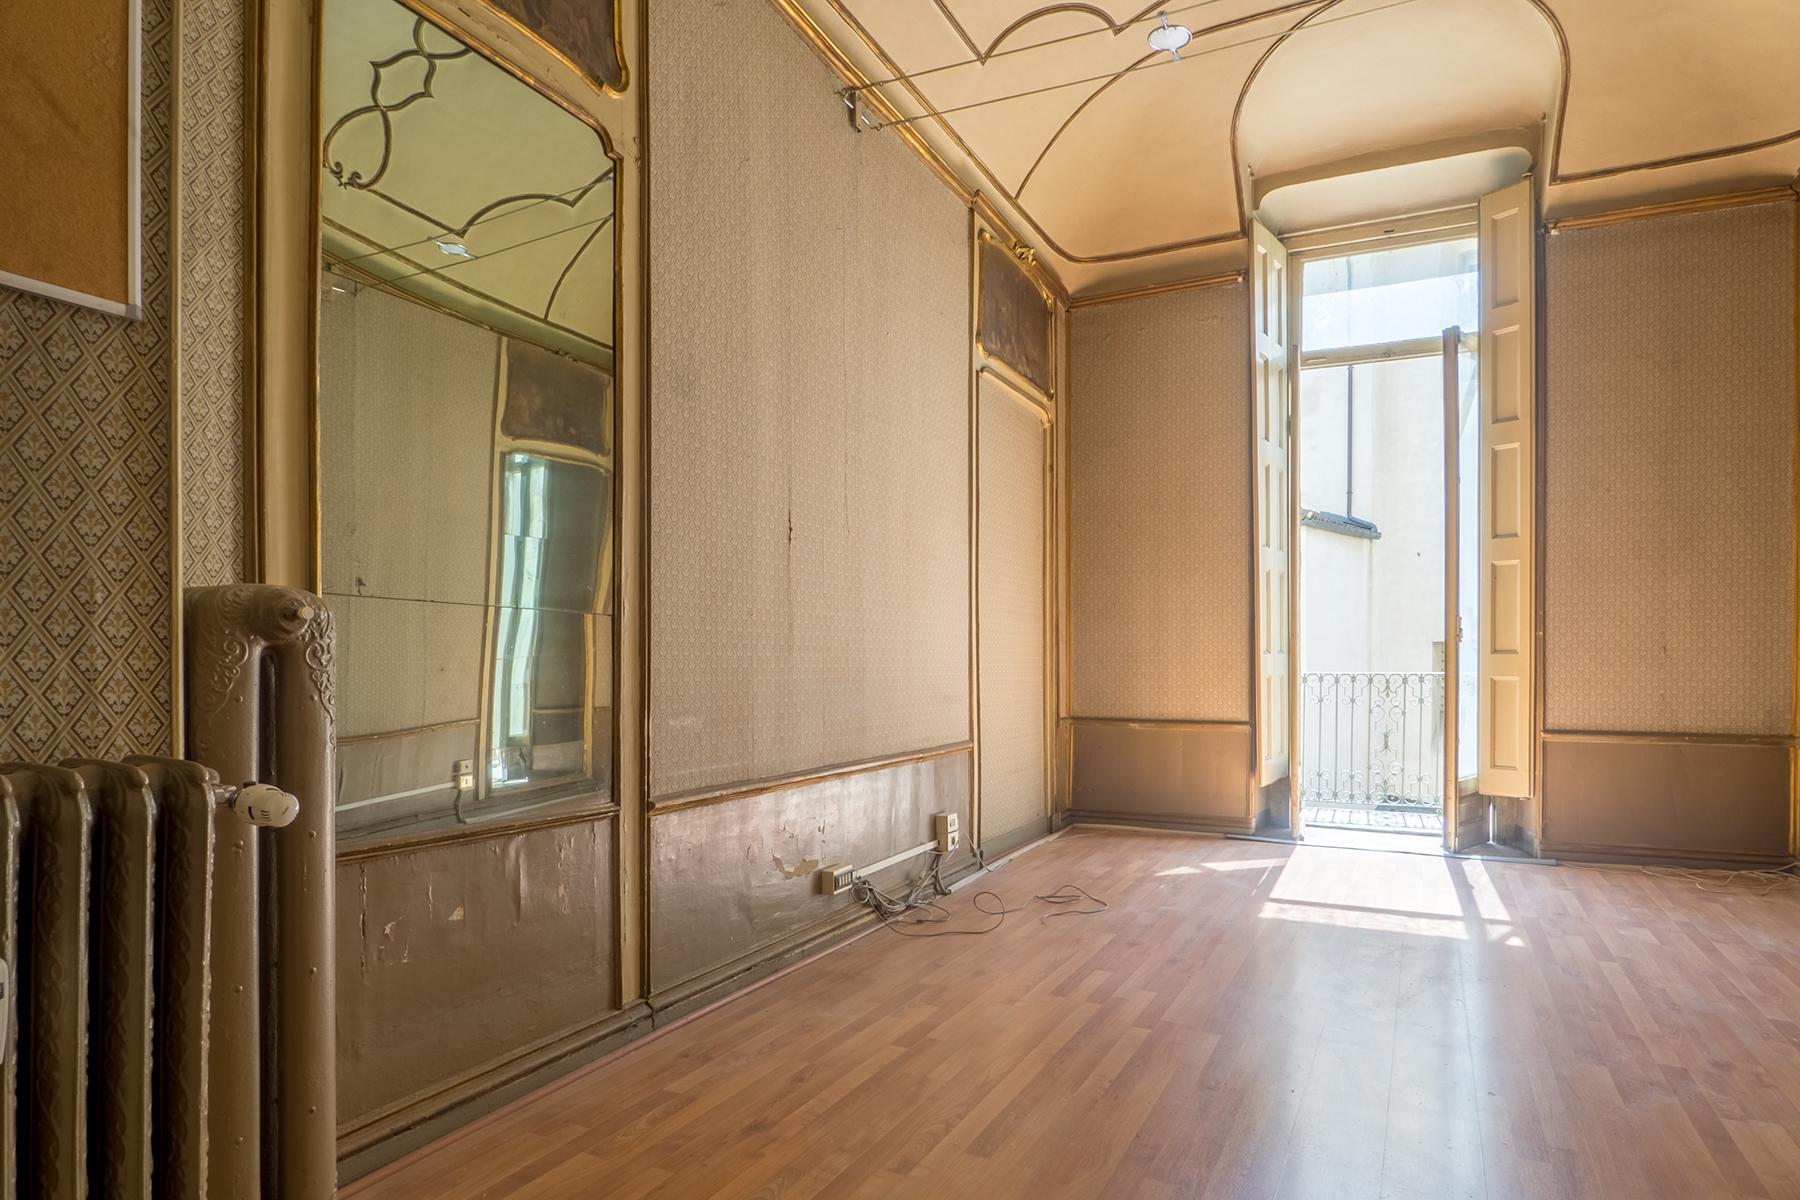 Ufficio-studio in Affitto a Torino: 5 locali, 337 mq - Foto 2